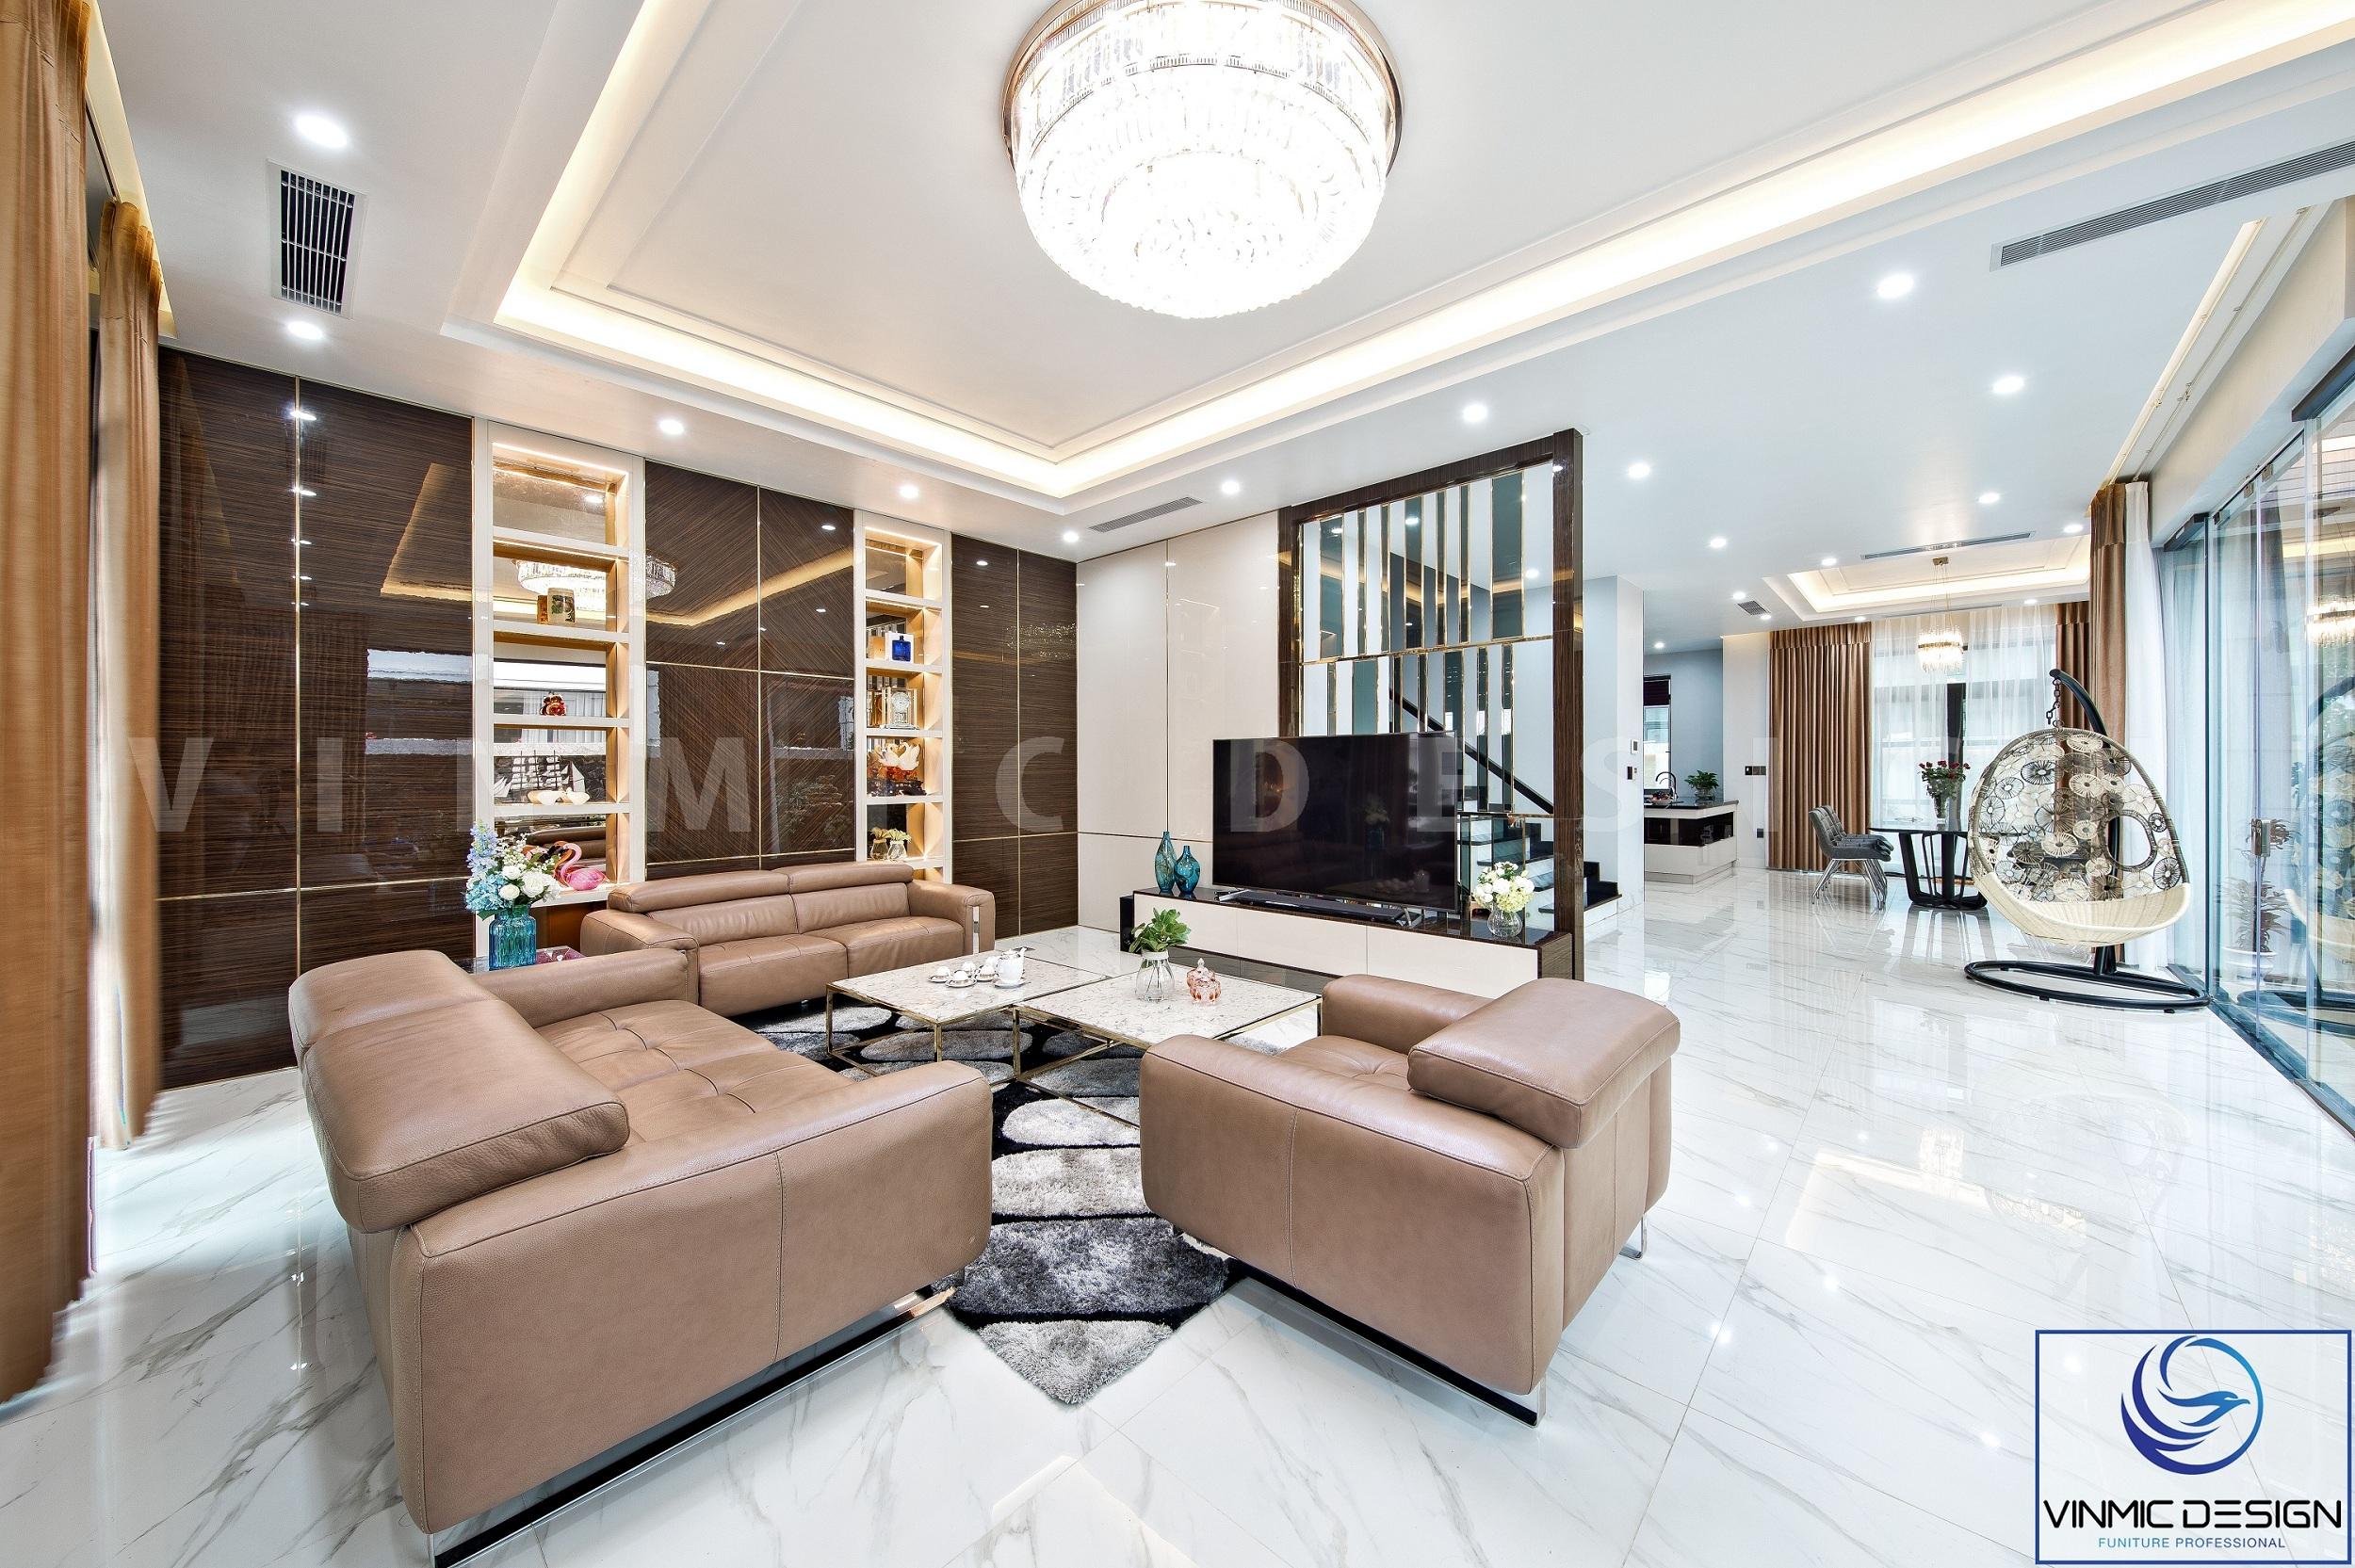 Phòng khách được thi công với phong cách hiện đại tạo nên một không gian thoáng đãng